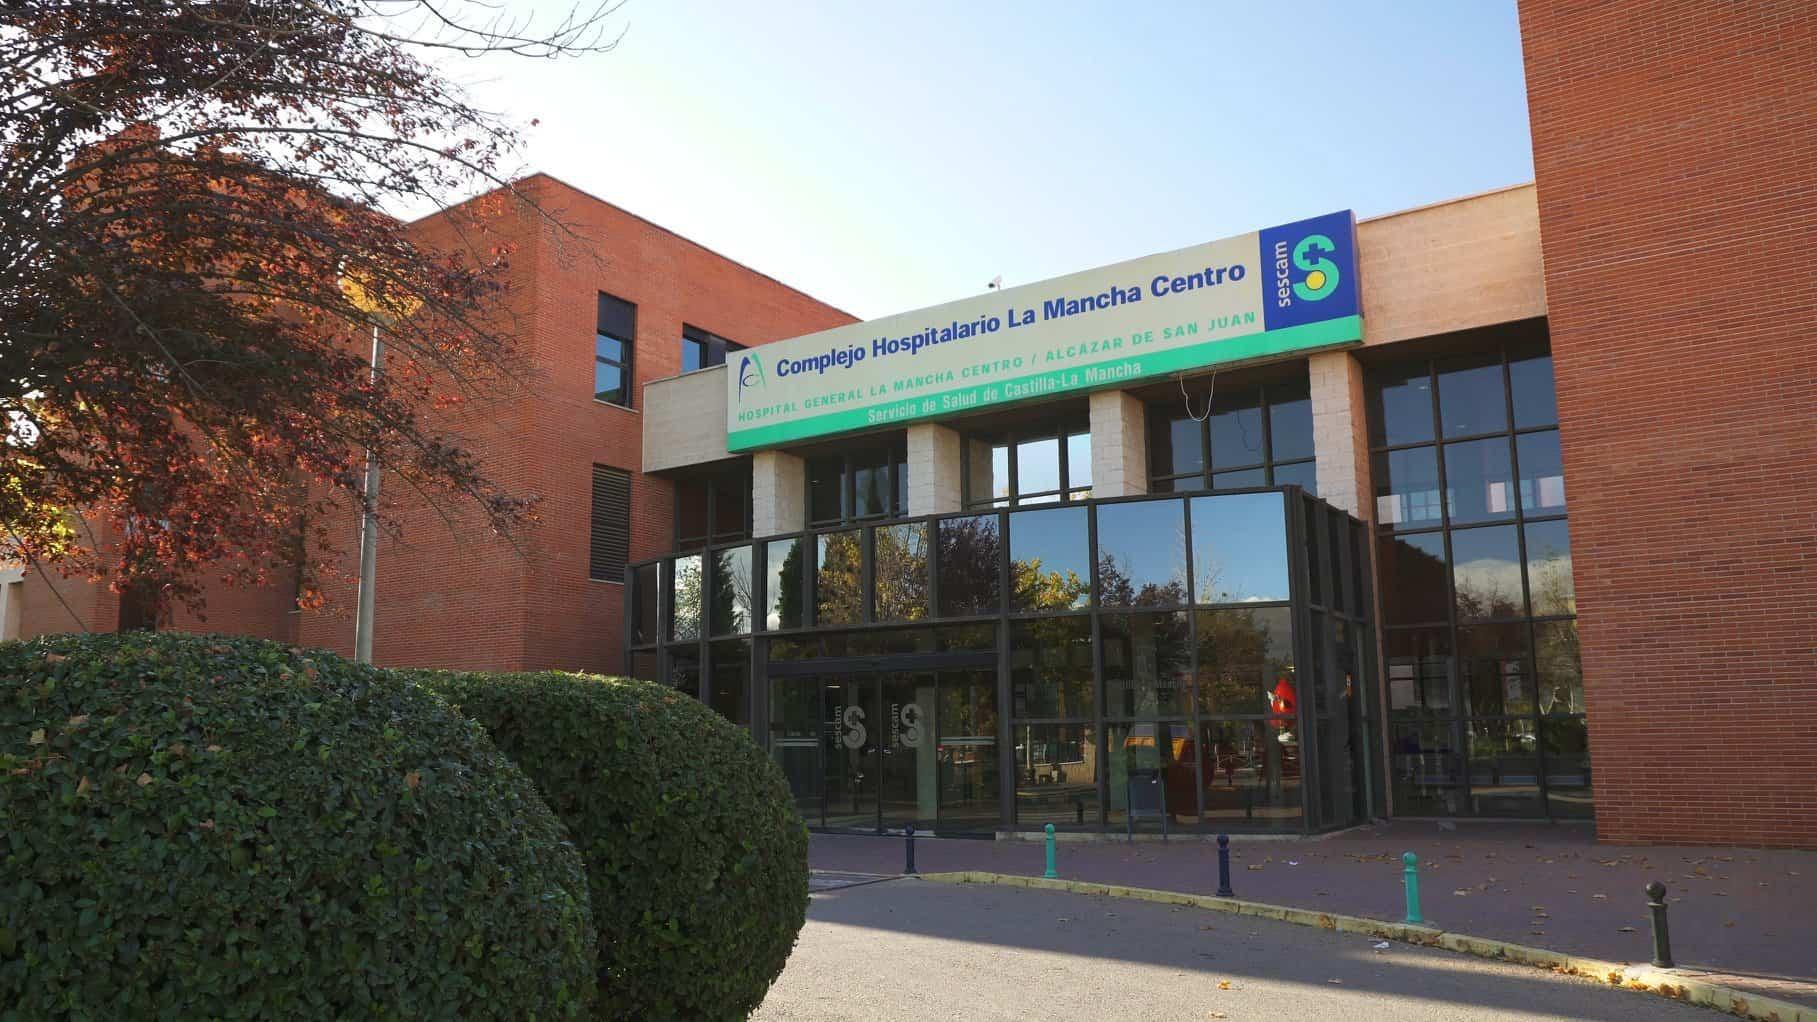 hospital mancha centro hospital alcazar - El Hospital Mancha Centro ha reducido un 53 por ciento el número de pacientes ingresados por Covid-19 durante el mes de abril